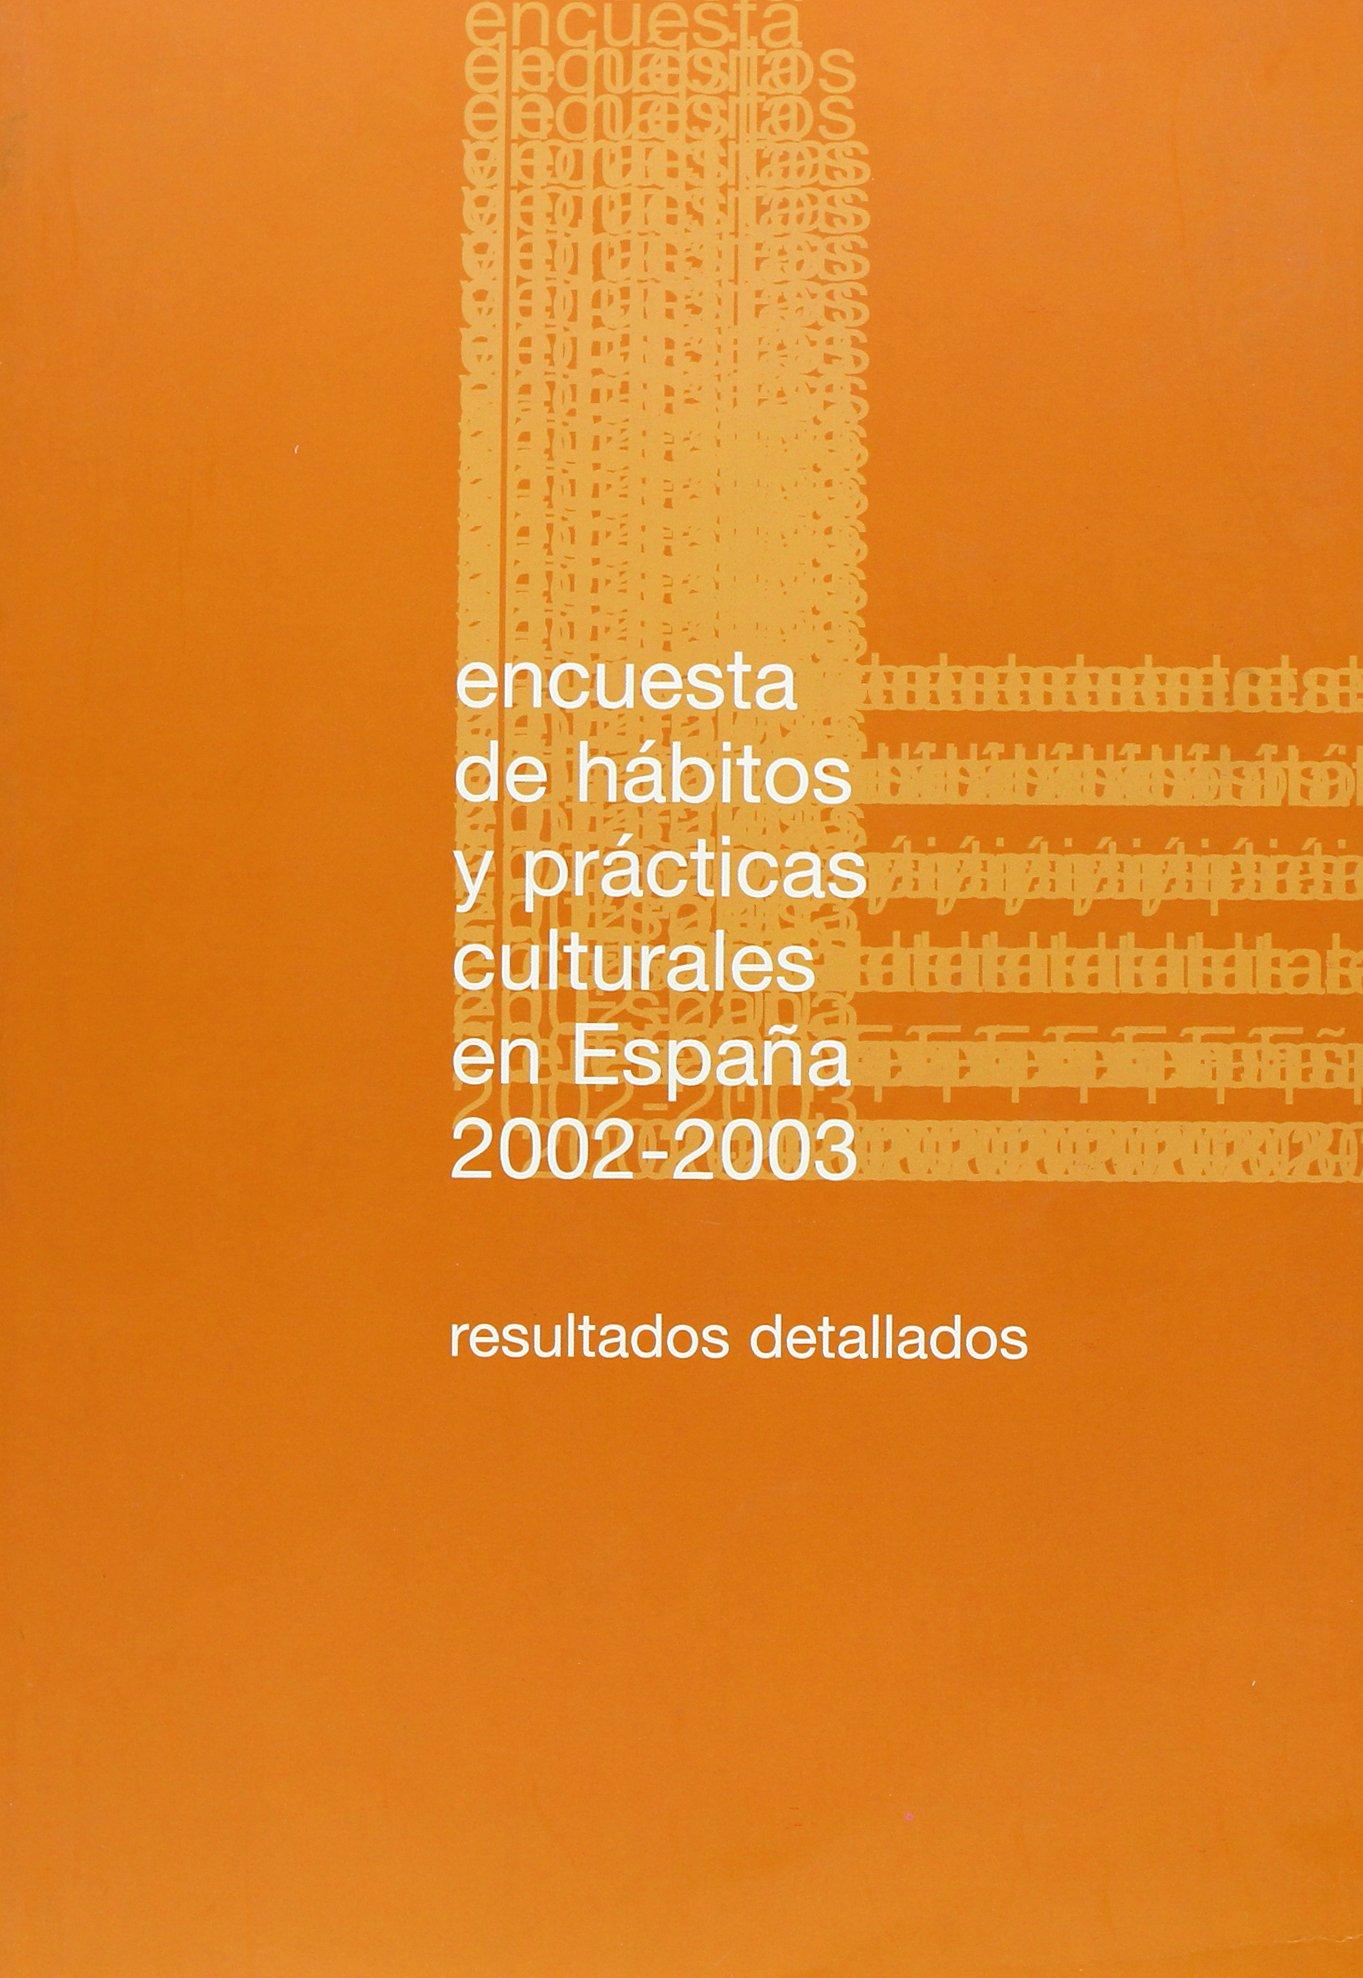 Encuesta de hábitos y prácticas culturales en España 2002-2003 ...